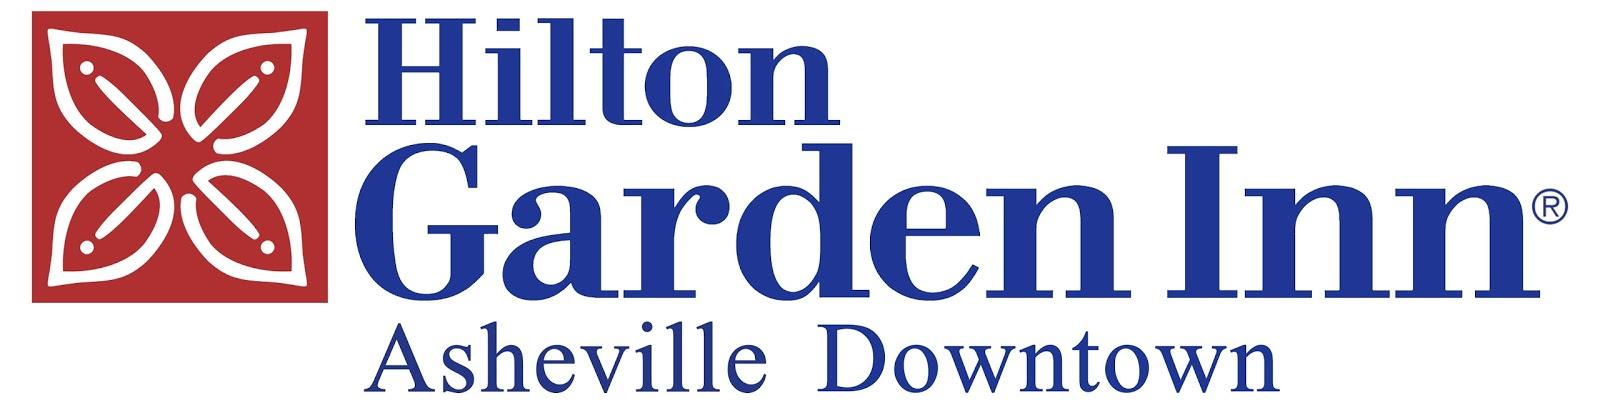 job opportunities posted by hilton garden inn - Hilton Garden Inn Asheville